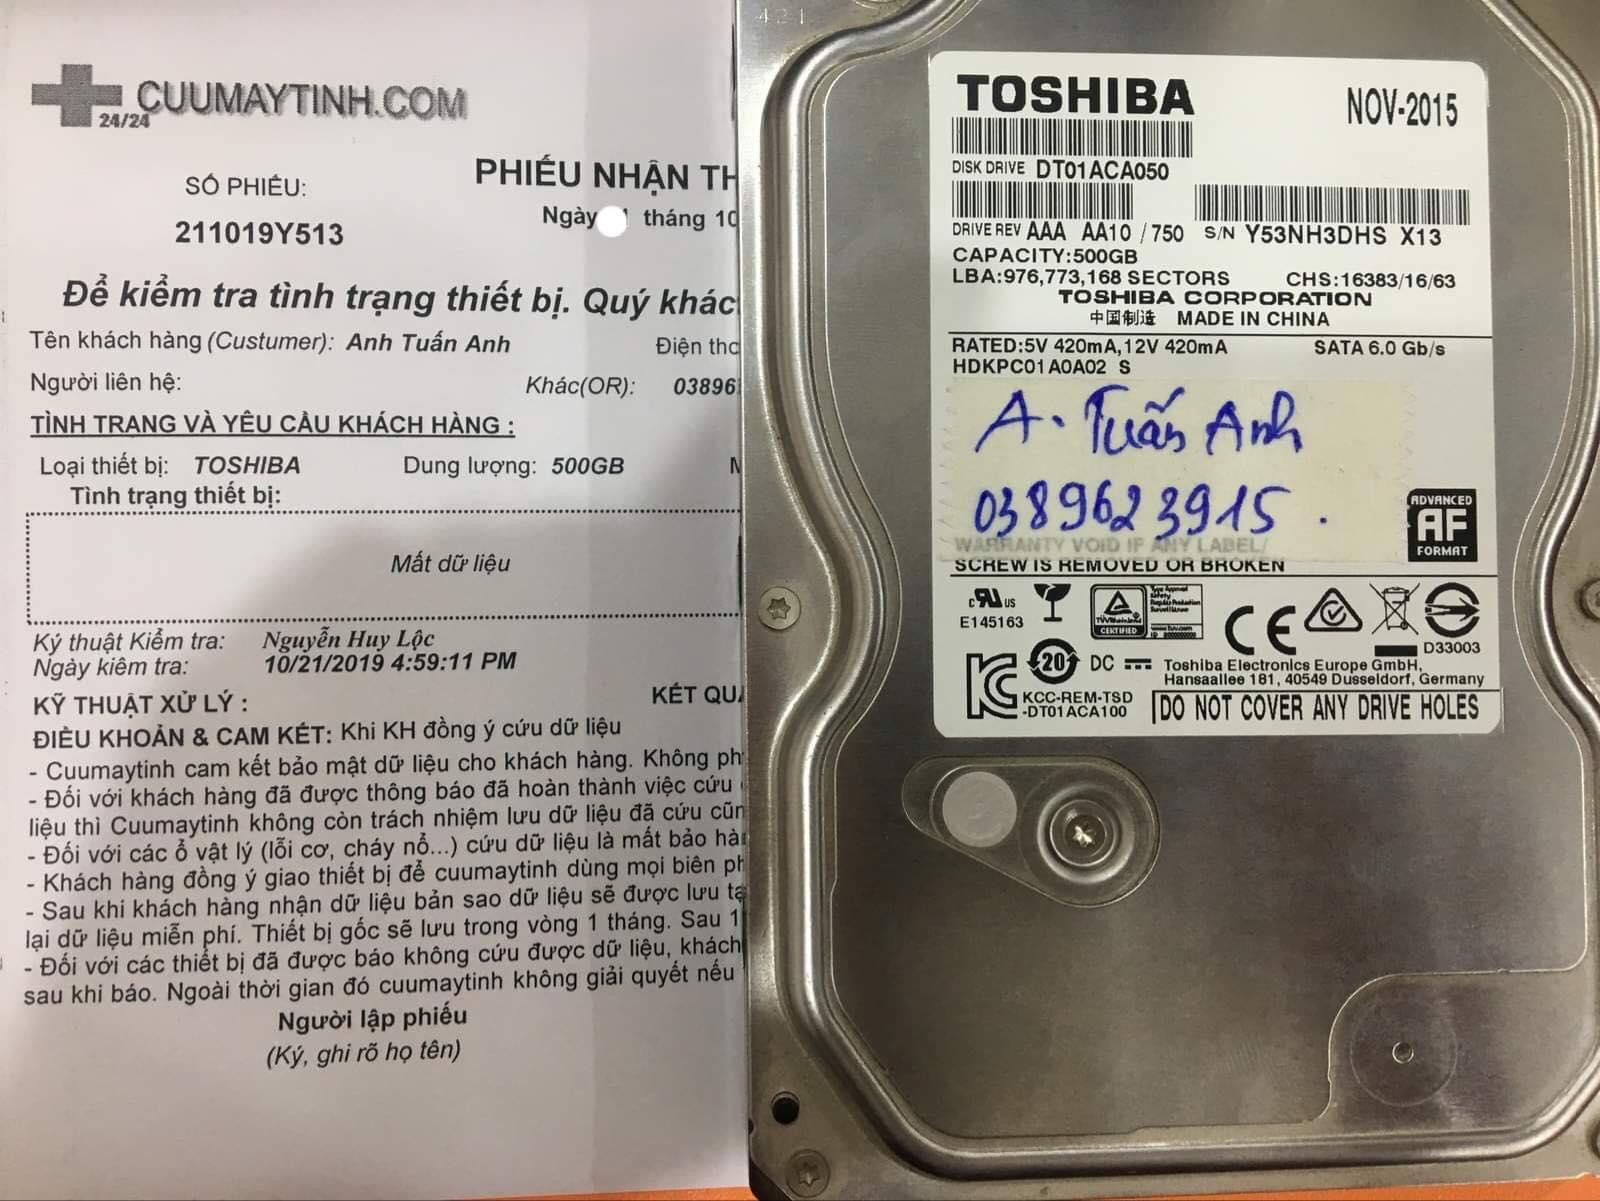 Cứu dữ liệu ổ cứng Toshiba 500GB mất dữ liệu 22/10/2019 - cuumaytinh